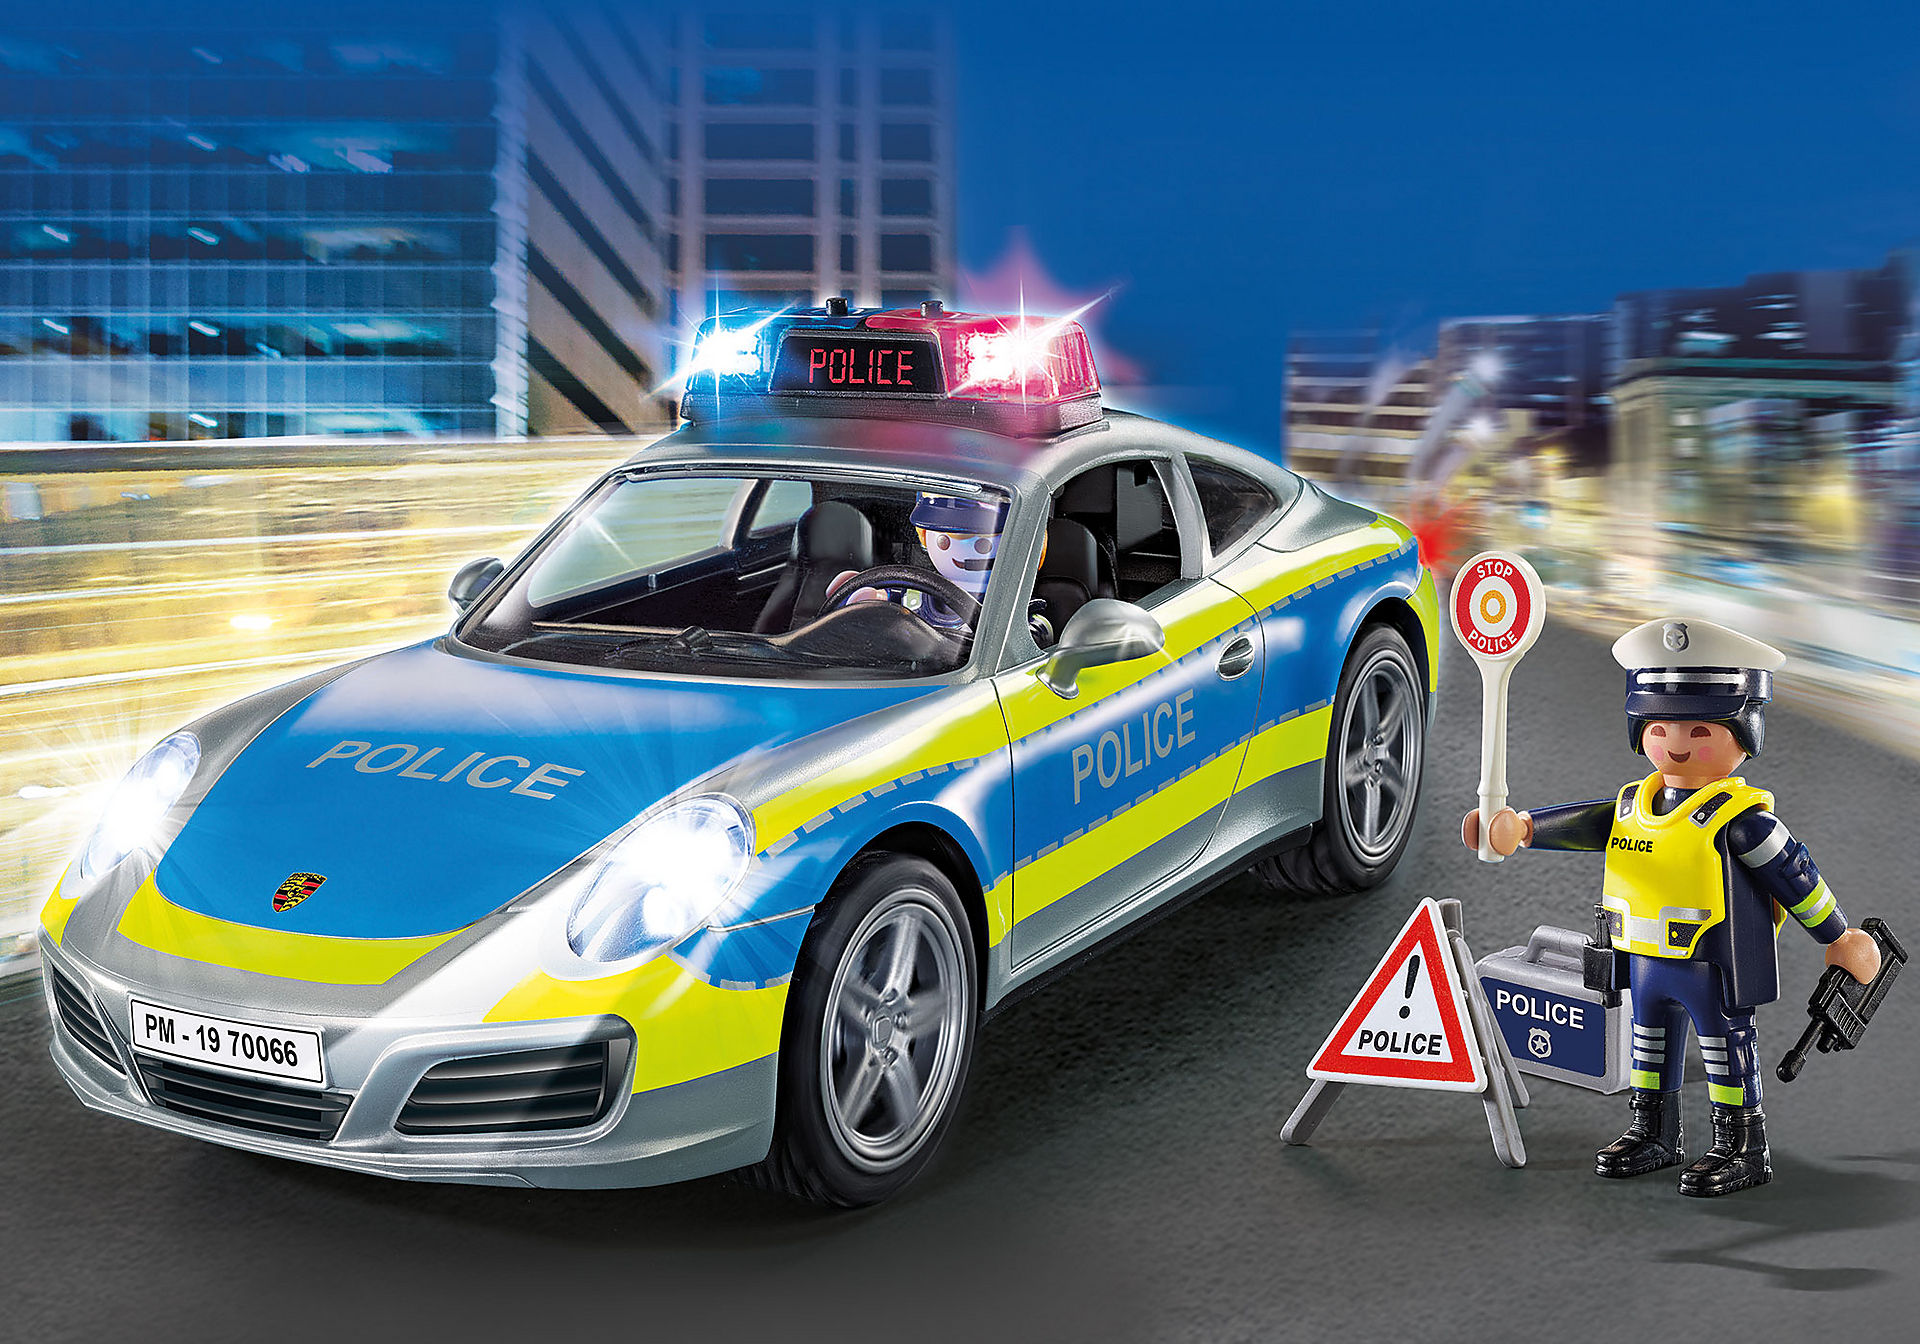 70066 Porsche 911 Carrera 4S Policía zoom image1